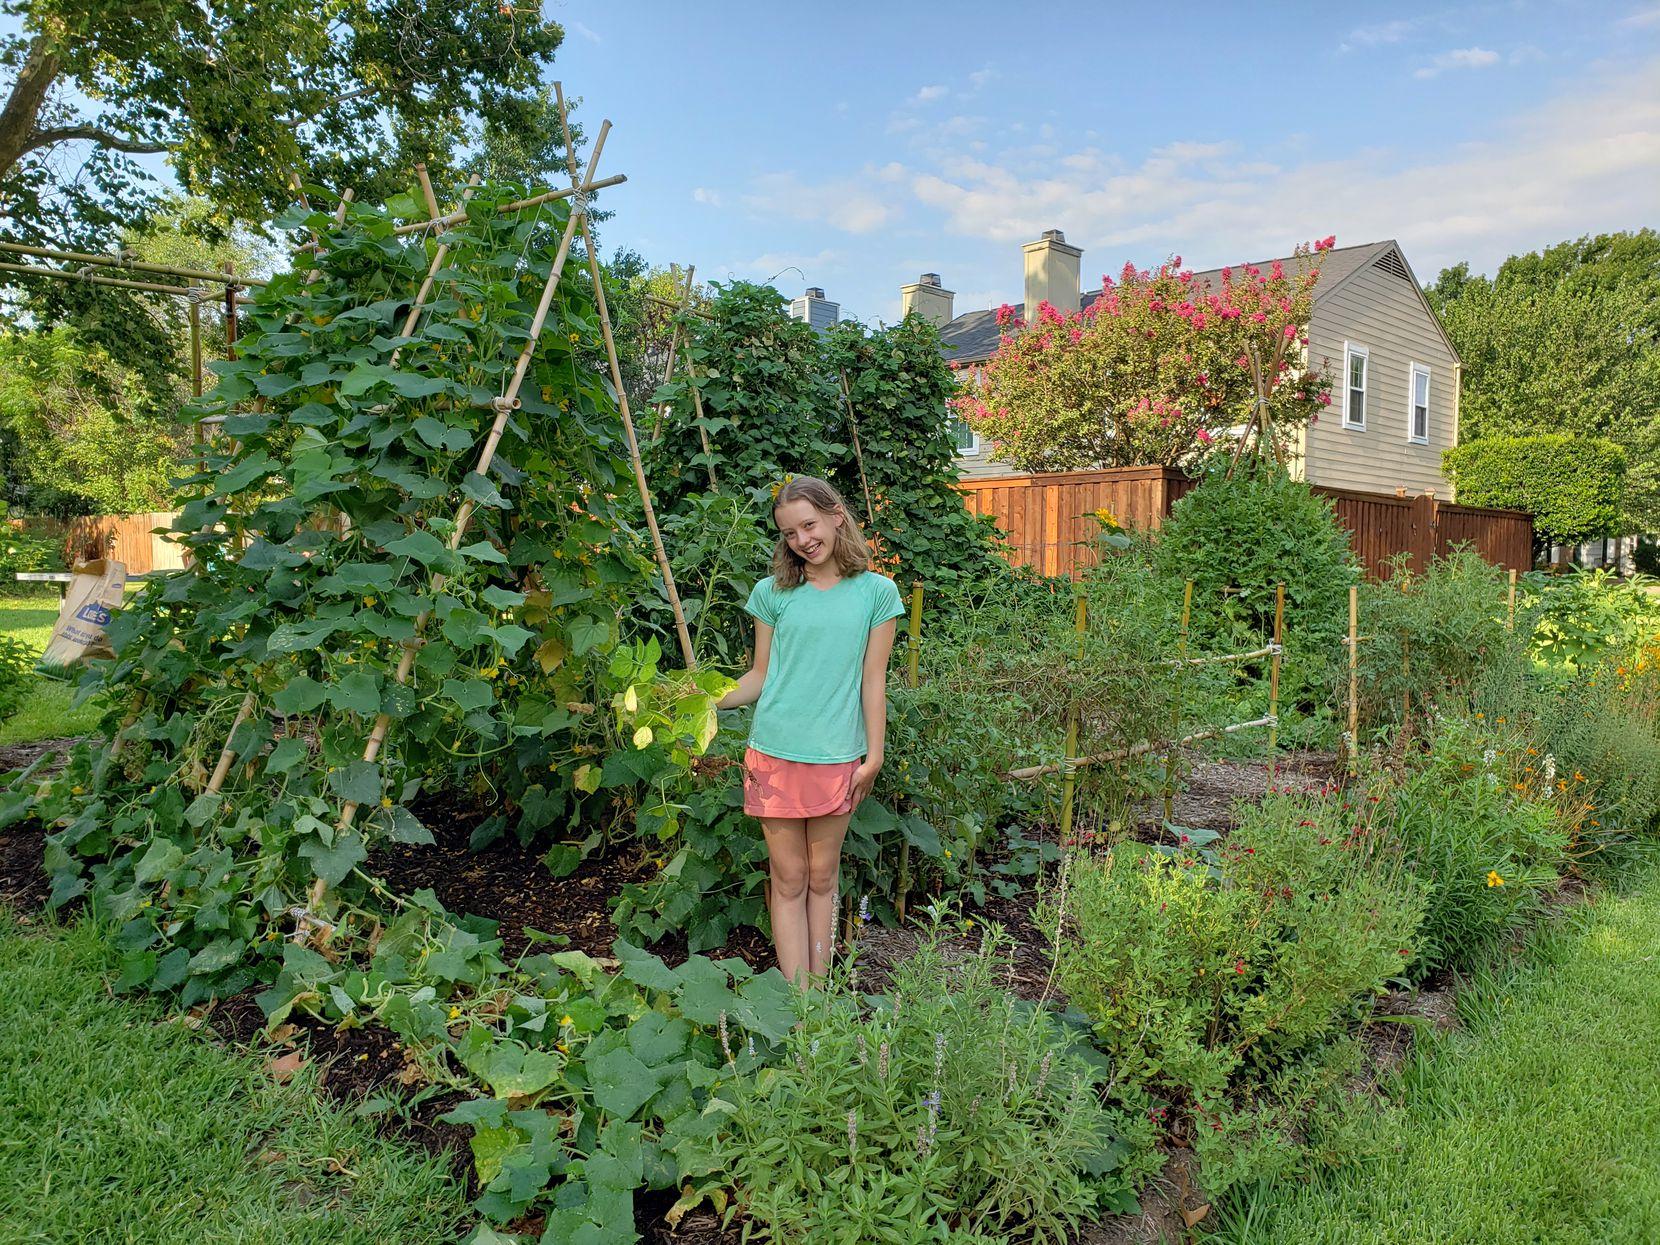 Casey Marsh enjoys her family's garden in Grapevine.